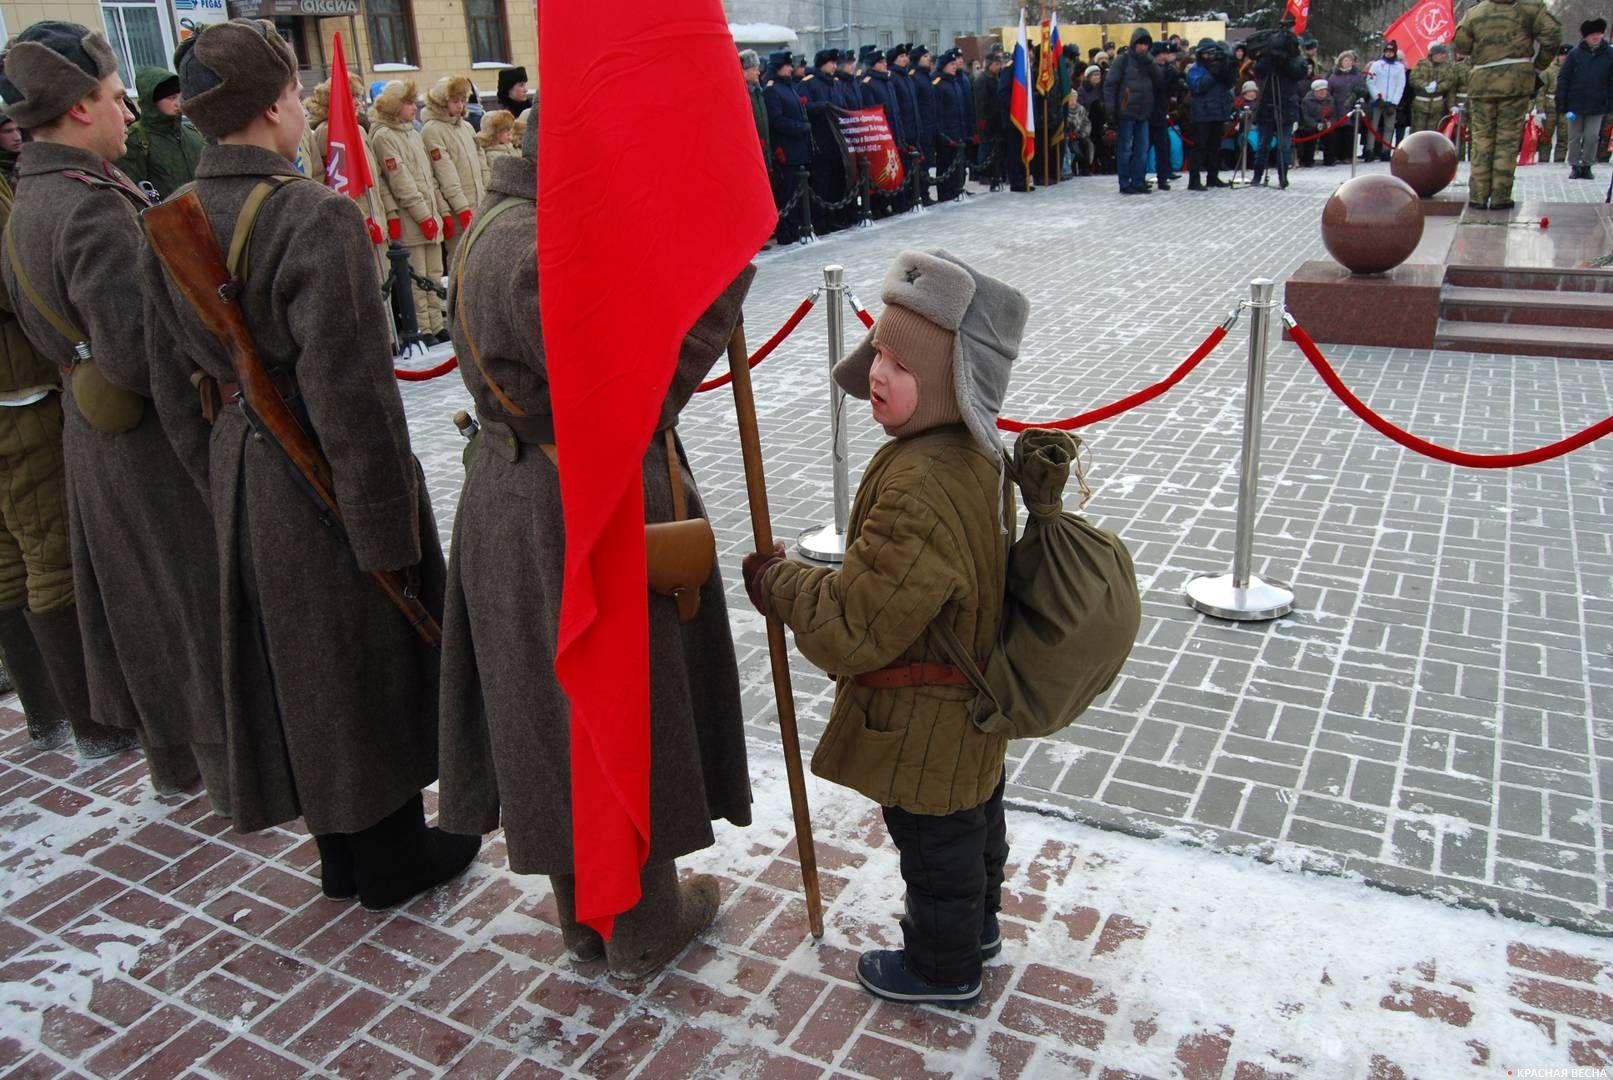 Митинг у стелы, посвященной «Трудовому подвигу ленинградцев, эвакуированных в Новосибирск в годы Великой Отечественной войны 1941–1943 гг». Новосибирск